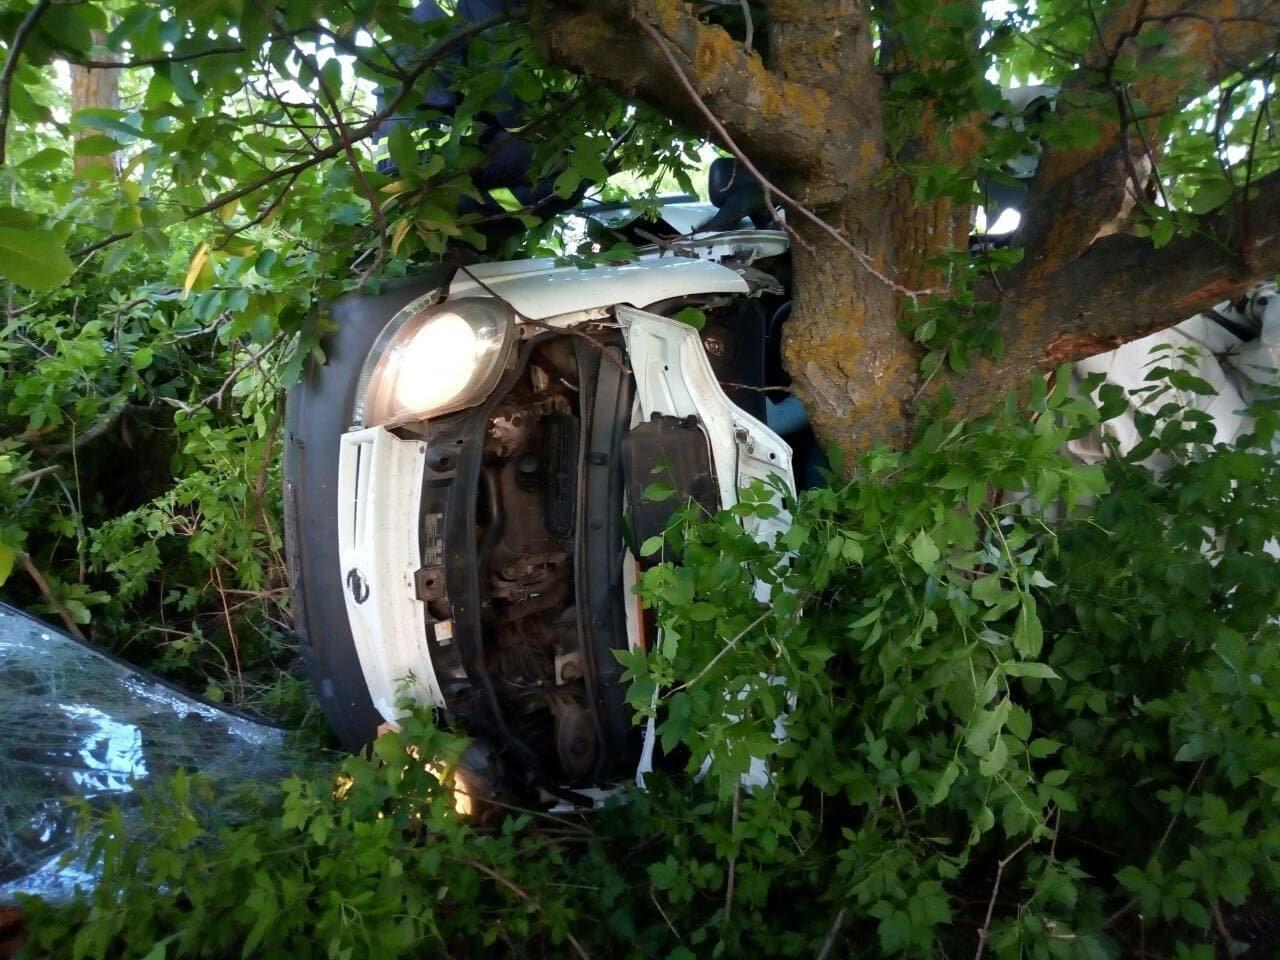 5 человек погибло, 3 находятся в больнице: в Николаевской области случилось страшное ДТП, - ФОТО, фото-2